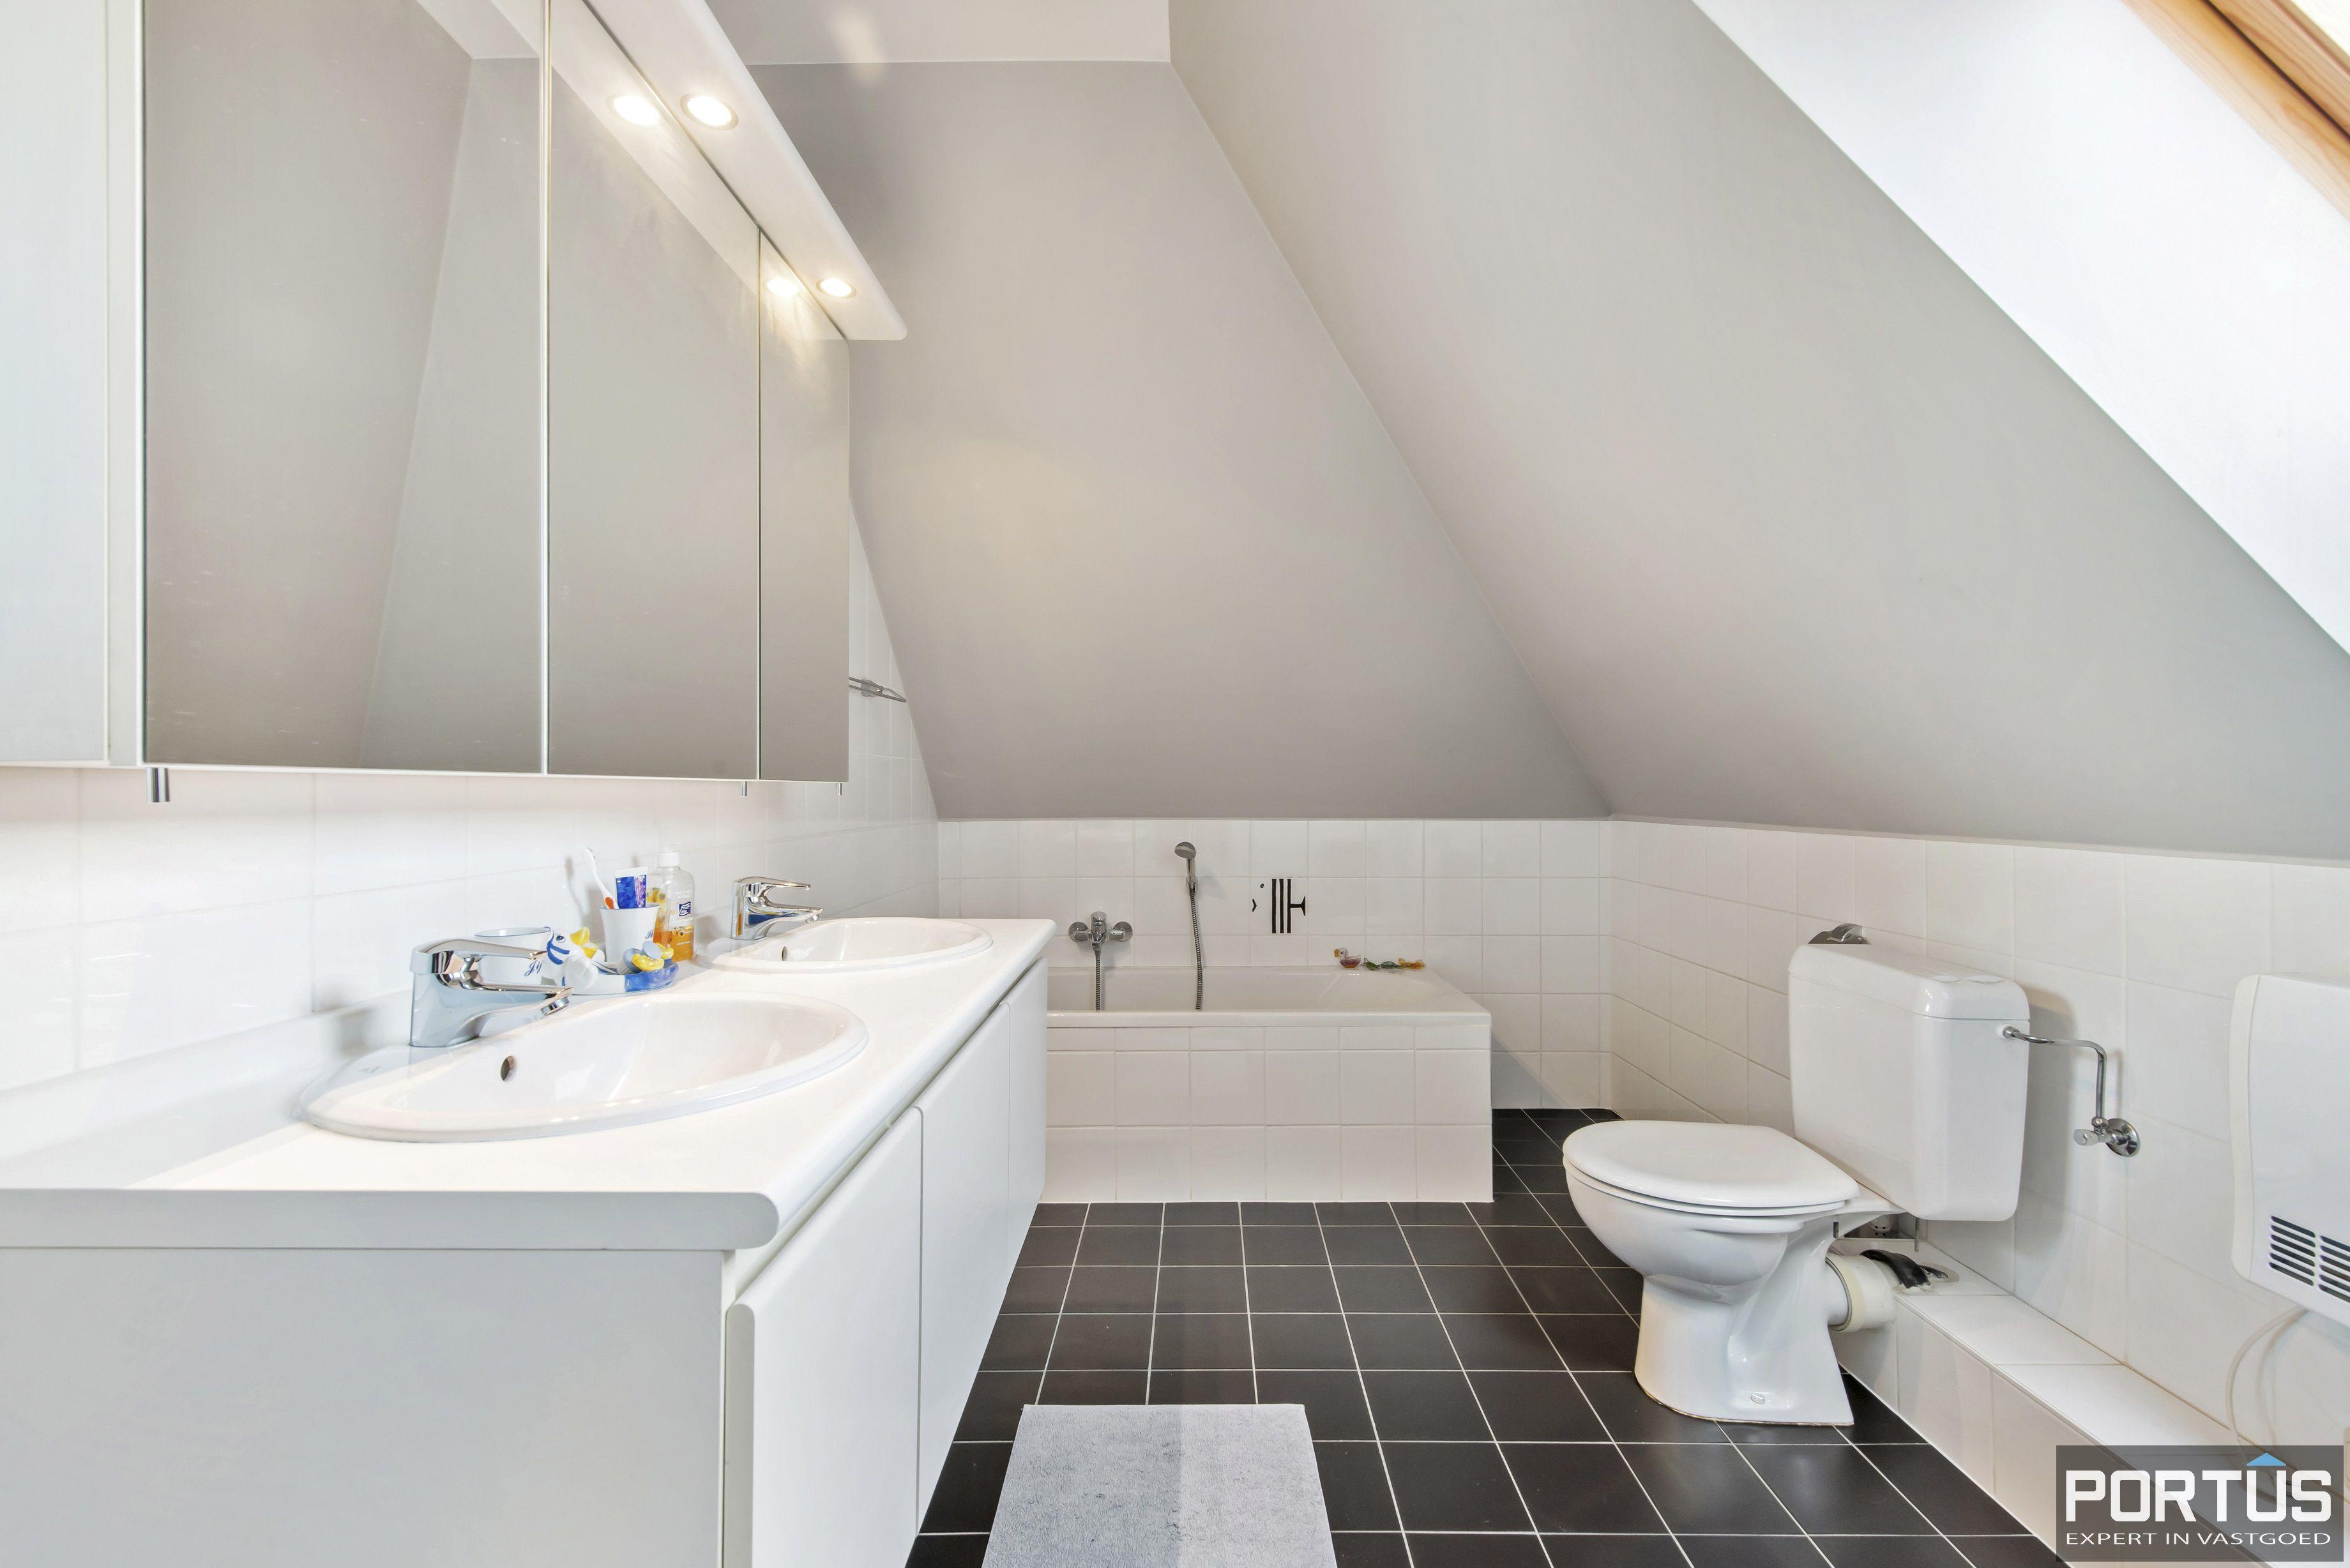 Instapklare duplex met 2 slaapkamers te koop te Nieuwpoort - 10860